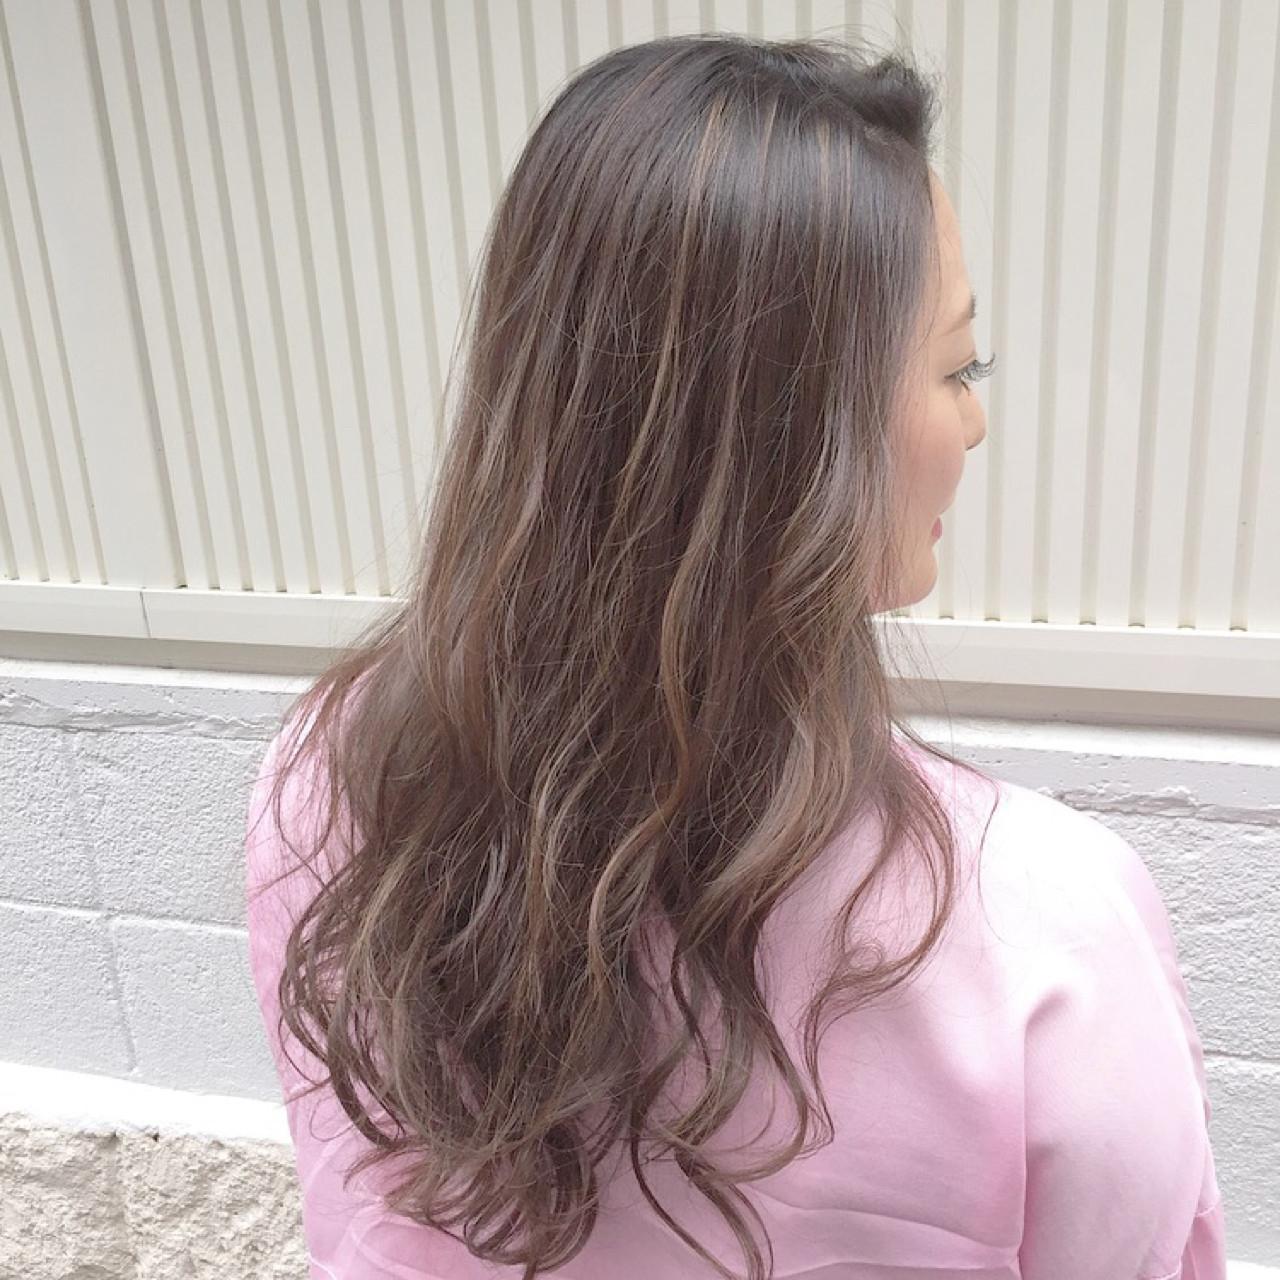 フェミニン インナーカラー ナチュラル セミロング ヘアスタイルや髪型の写真・画像